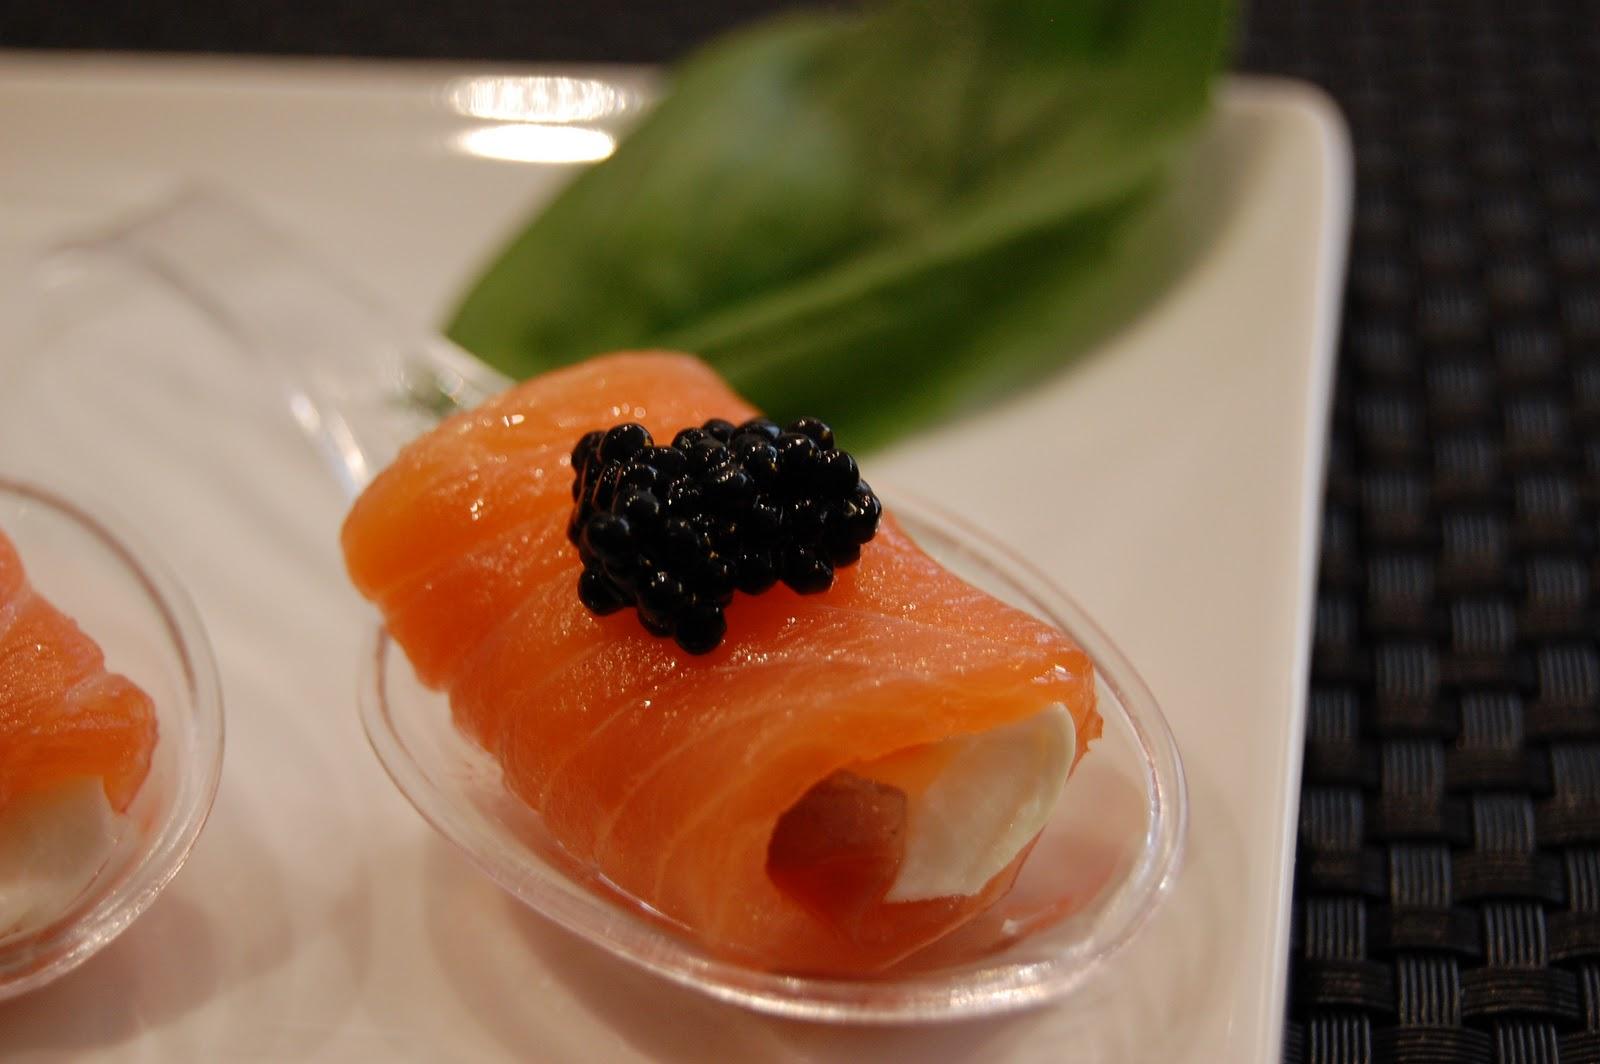 Rollitos de salm n ahumado y queso fresco receta de sergio - Aperitivos de salmon ahumado ...